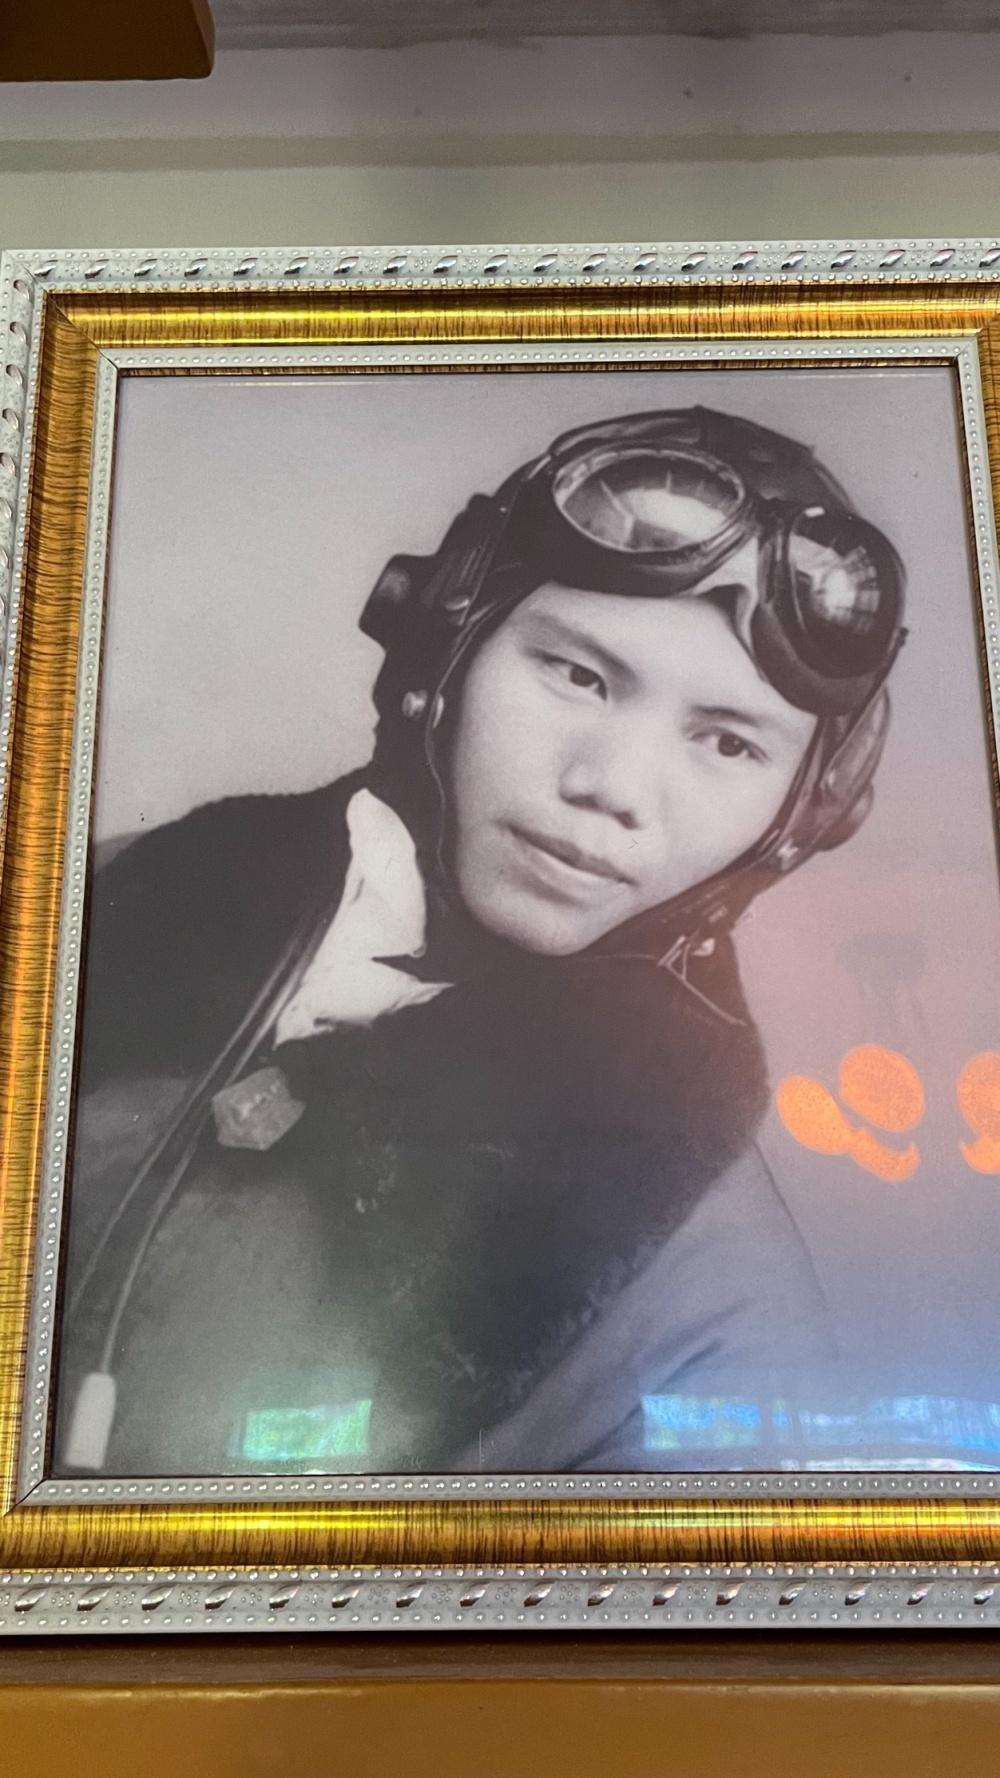 吴多春身着飞行员服的照片